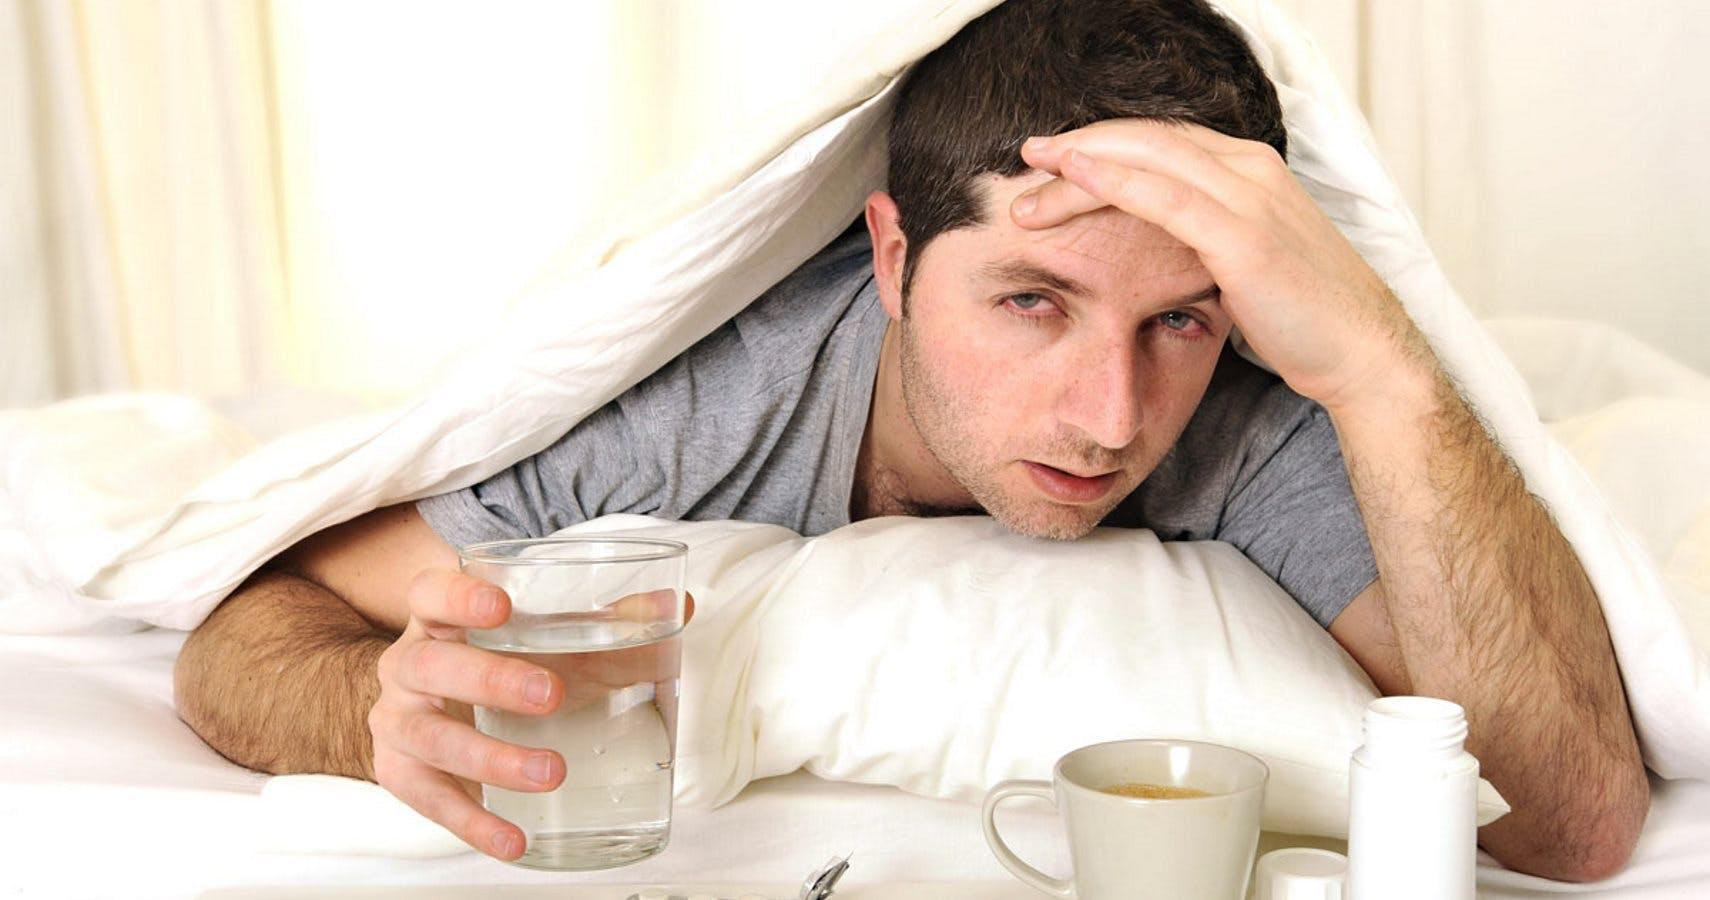 Лечить похмелье можно рассолом, спиртным, крепким кофе или чаем